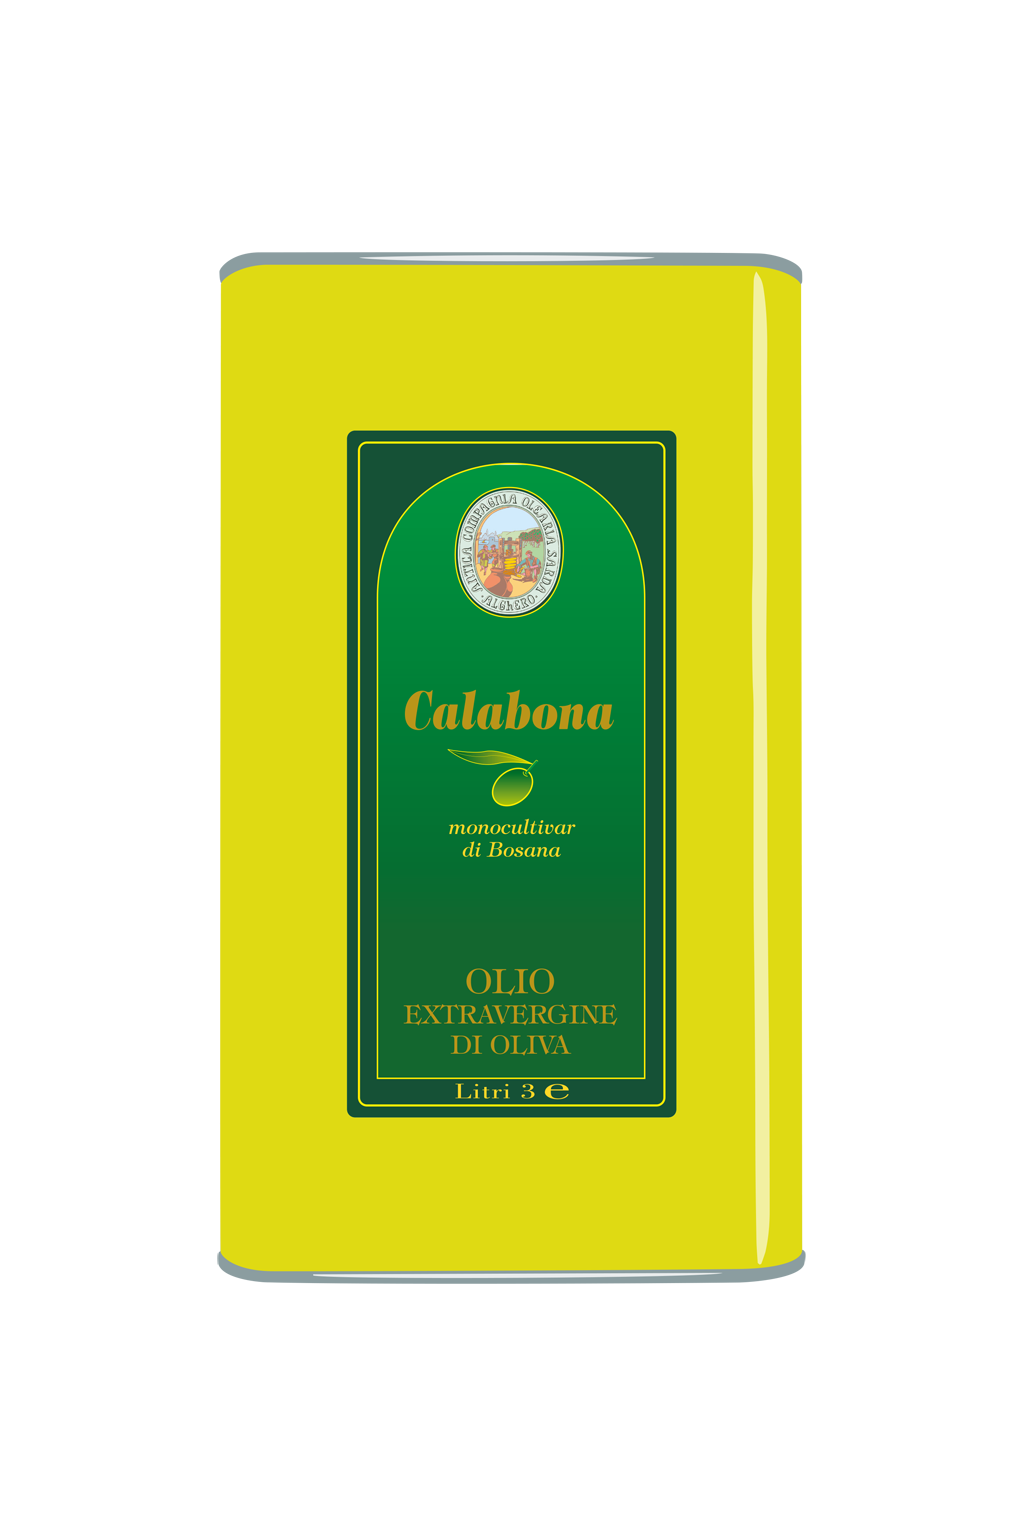 Calabona l